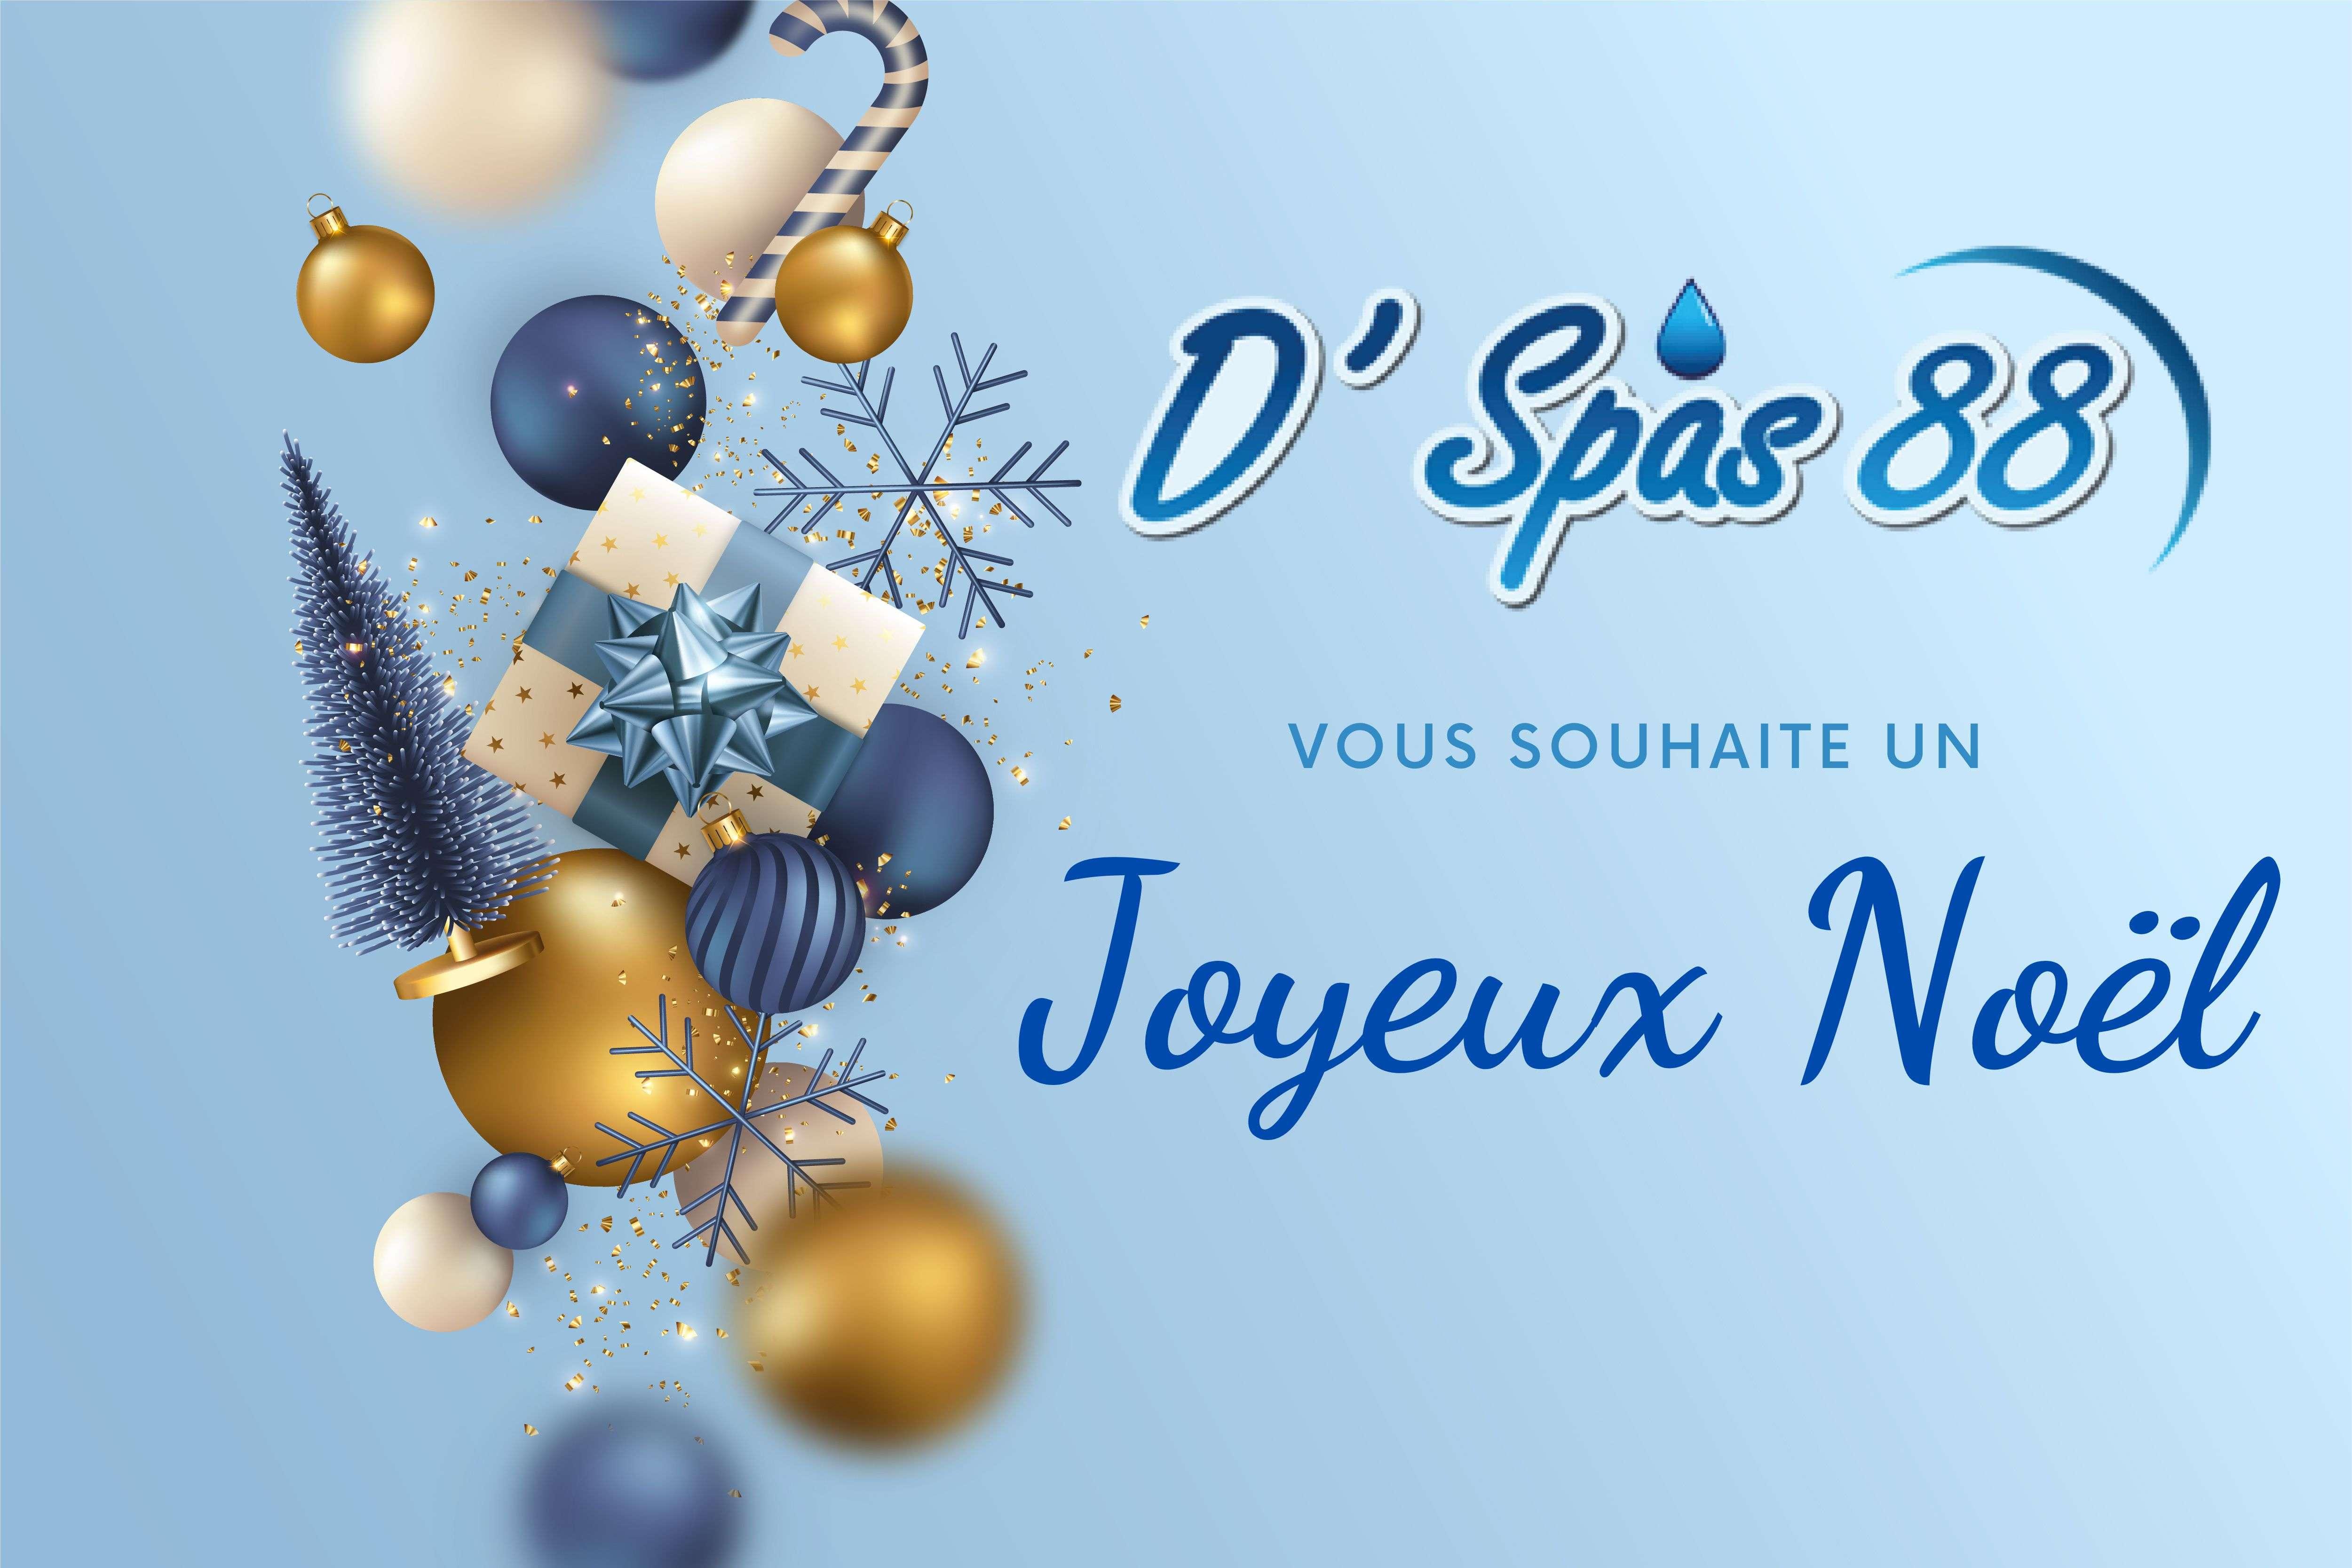 D'spas 88 vous souhaite un joyeux Noël